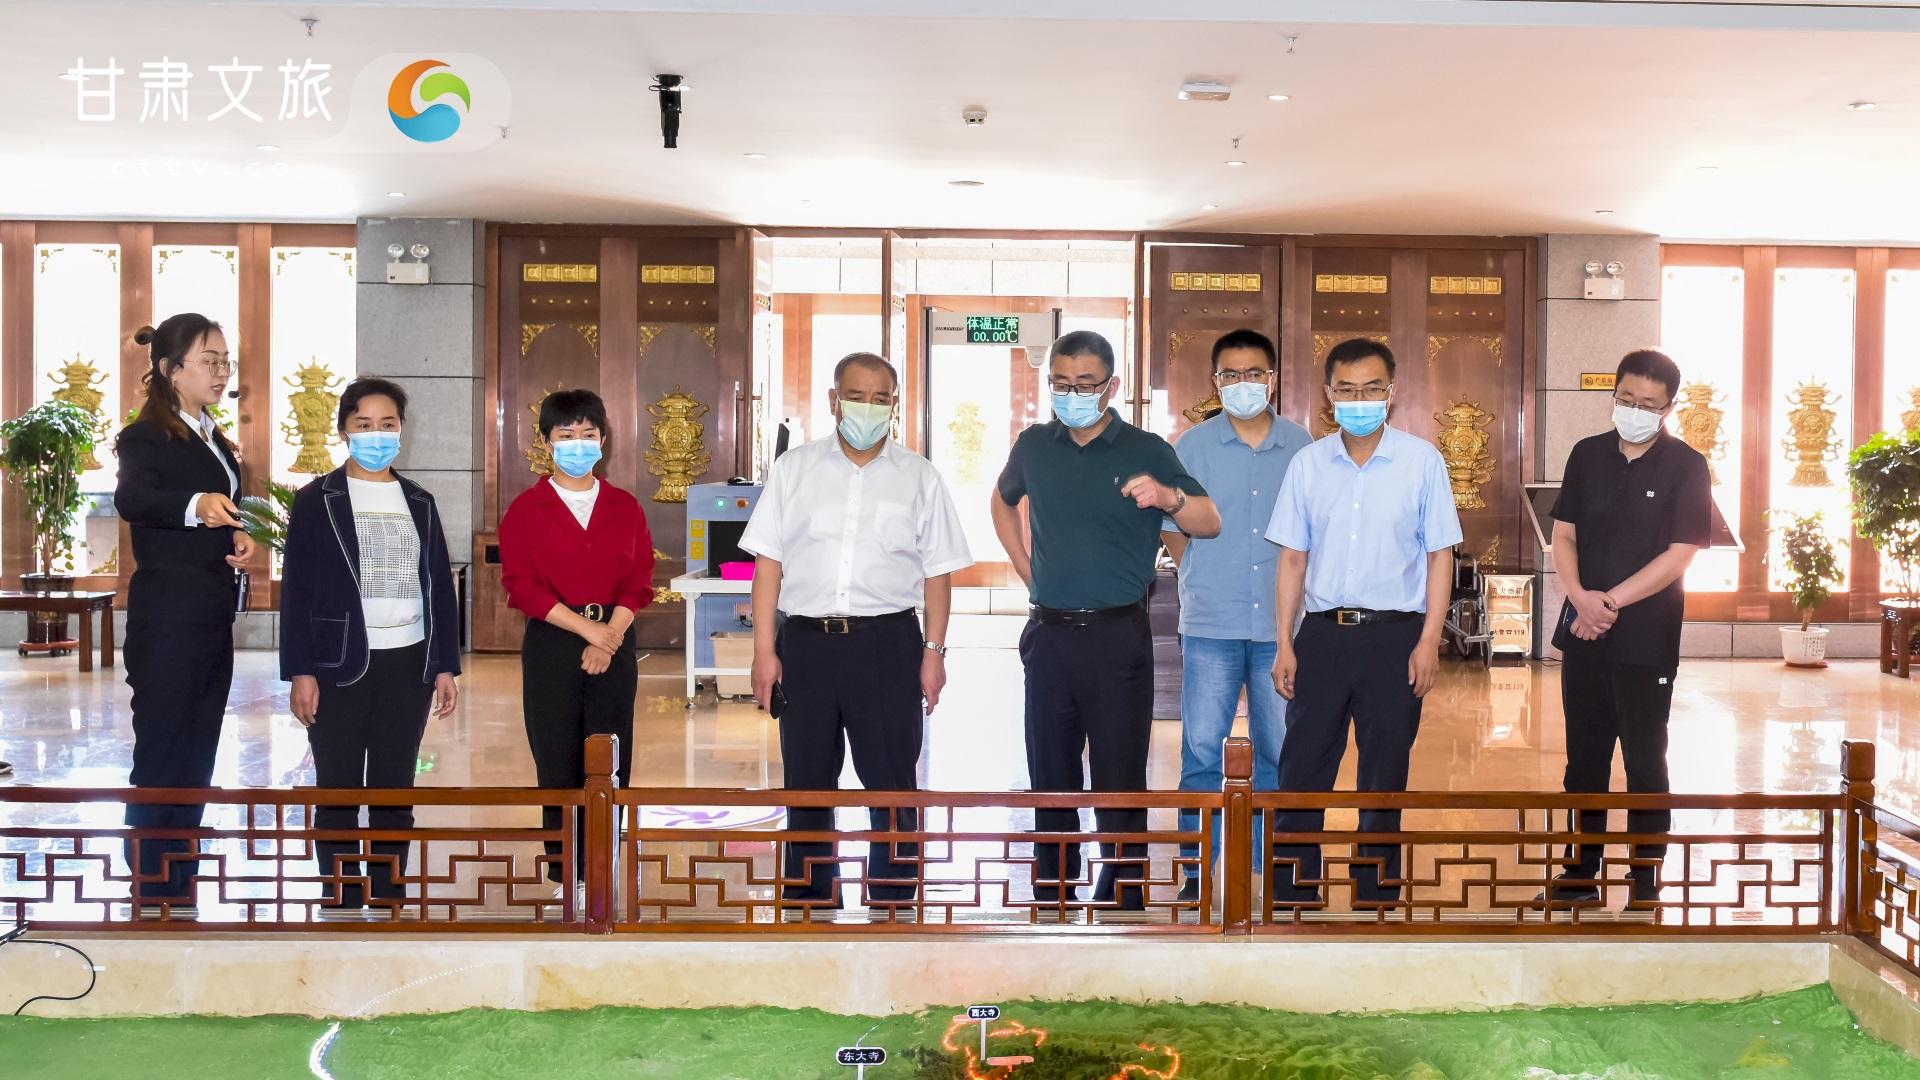 中国文联调研组一行在甘肃调研基层文联组织建设情况